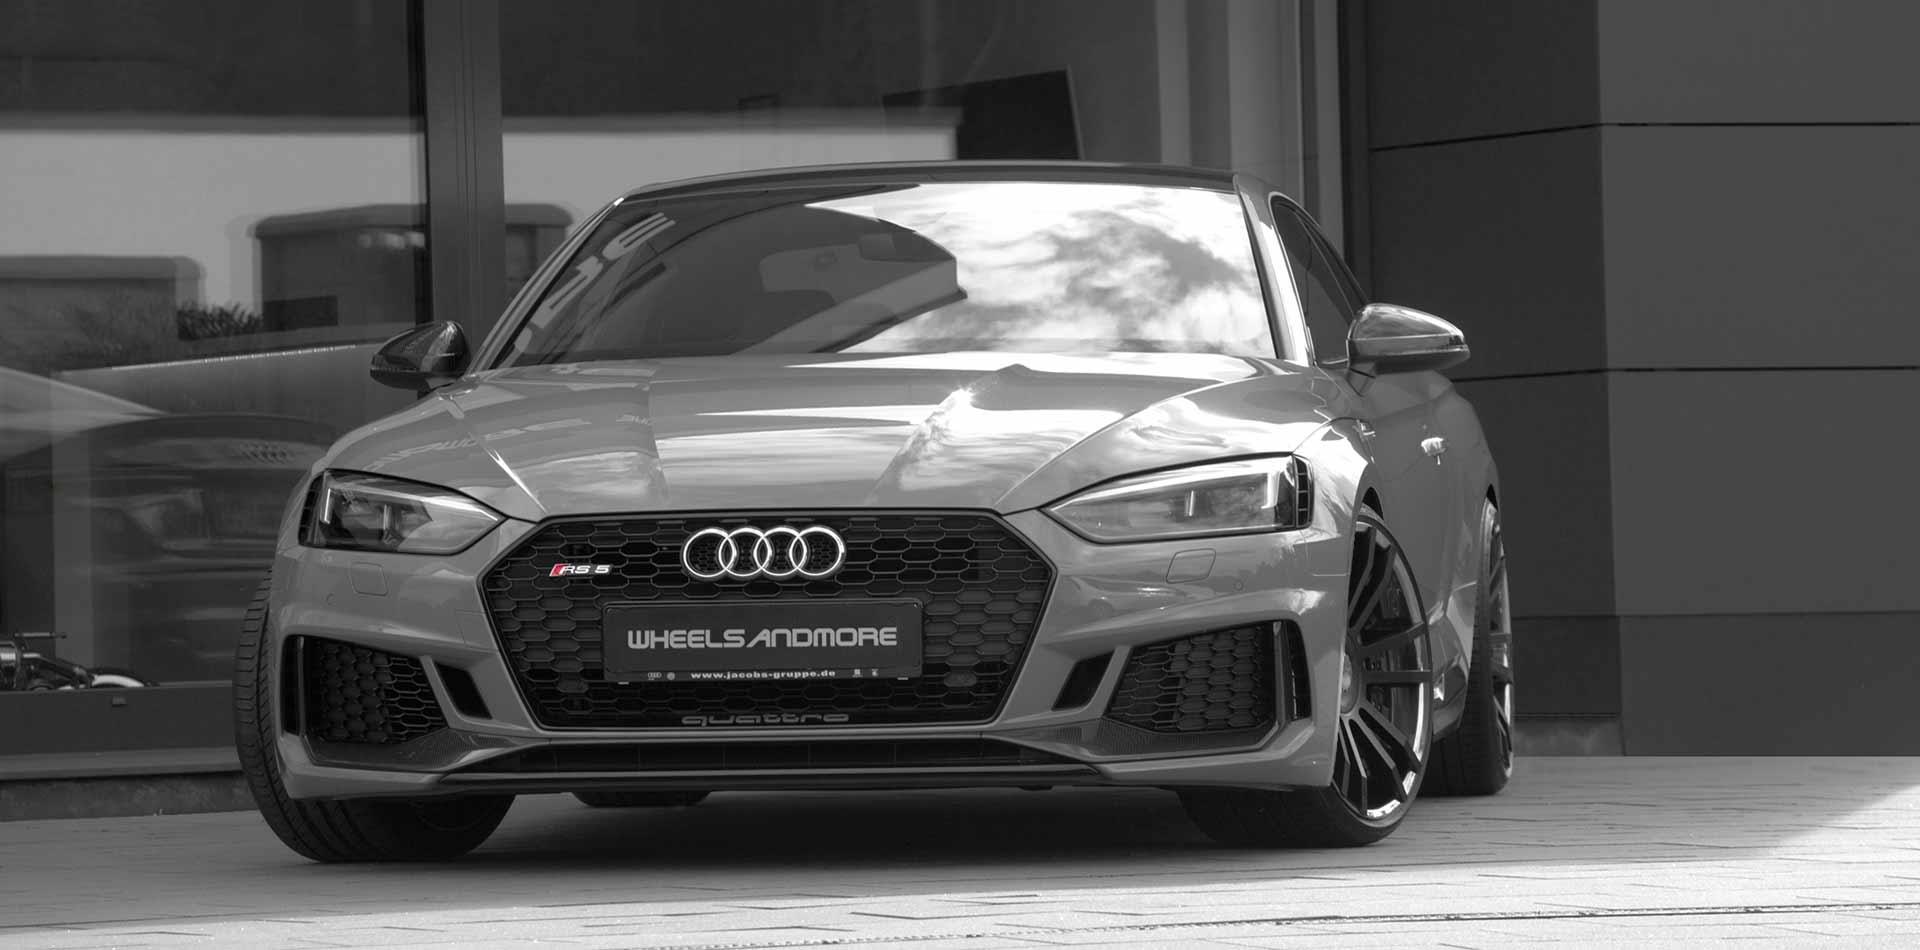 Audi RS5 Tuning, Felgen, Auspuff und Leistungssteigerung